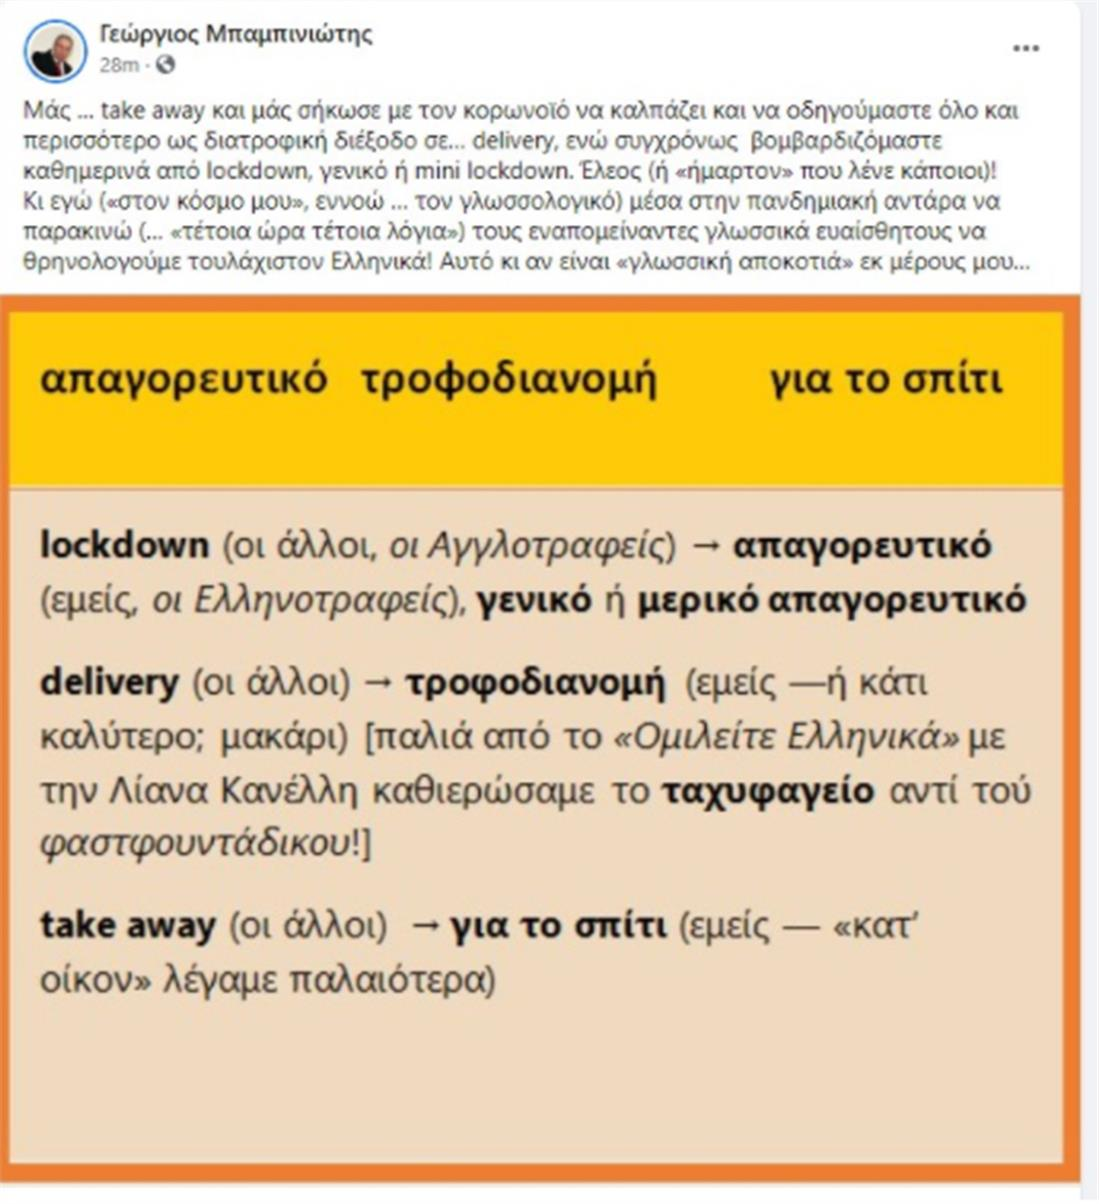 Γεώργιος Μπαμπινιώτης - facebook